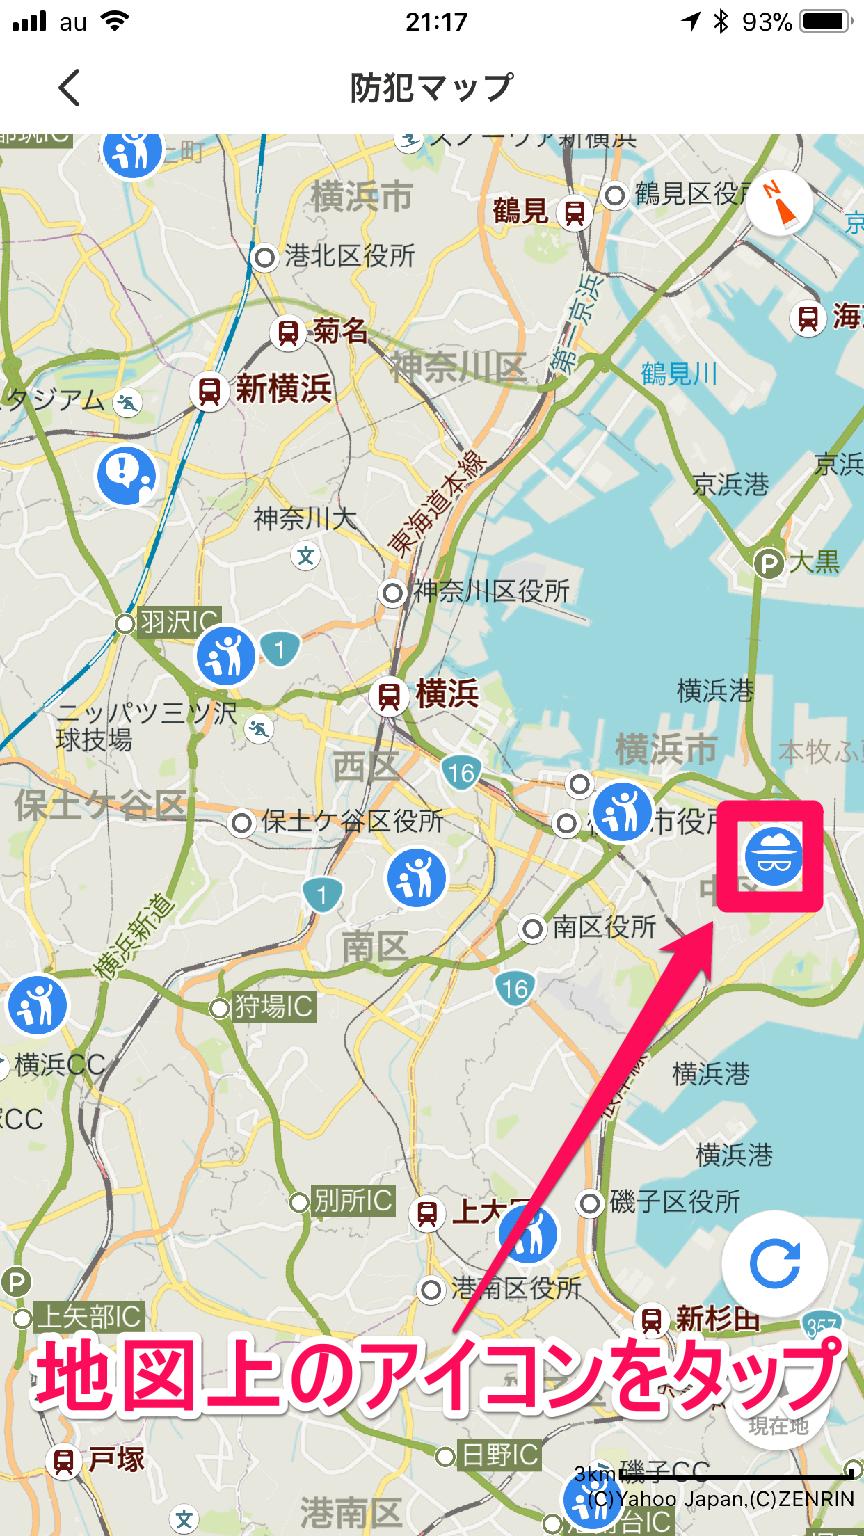 iPhone(アイフォーン)の[Yahoo! MAP]アプリ(ヤフーマップ)の[防犯マップ]画面